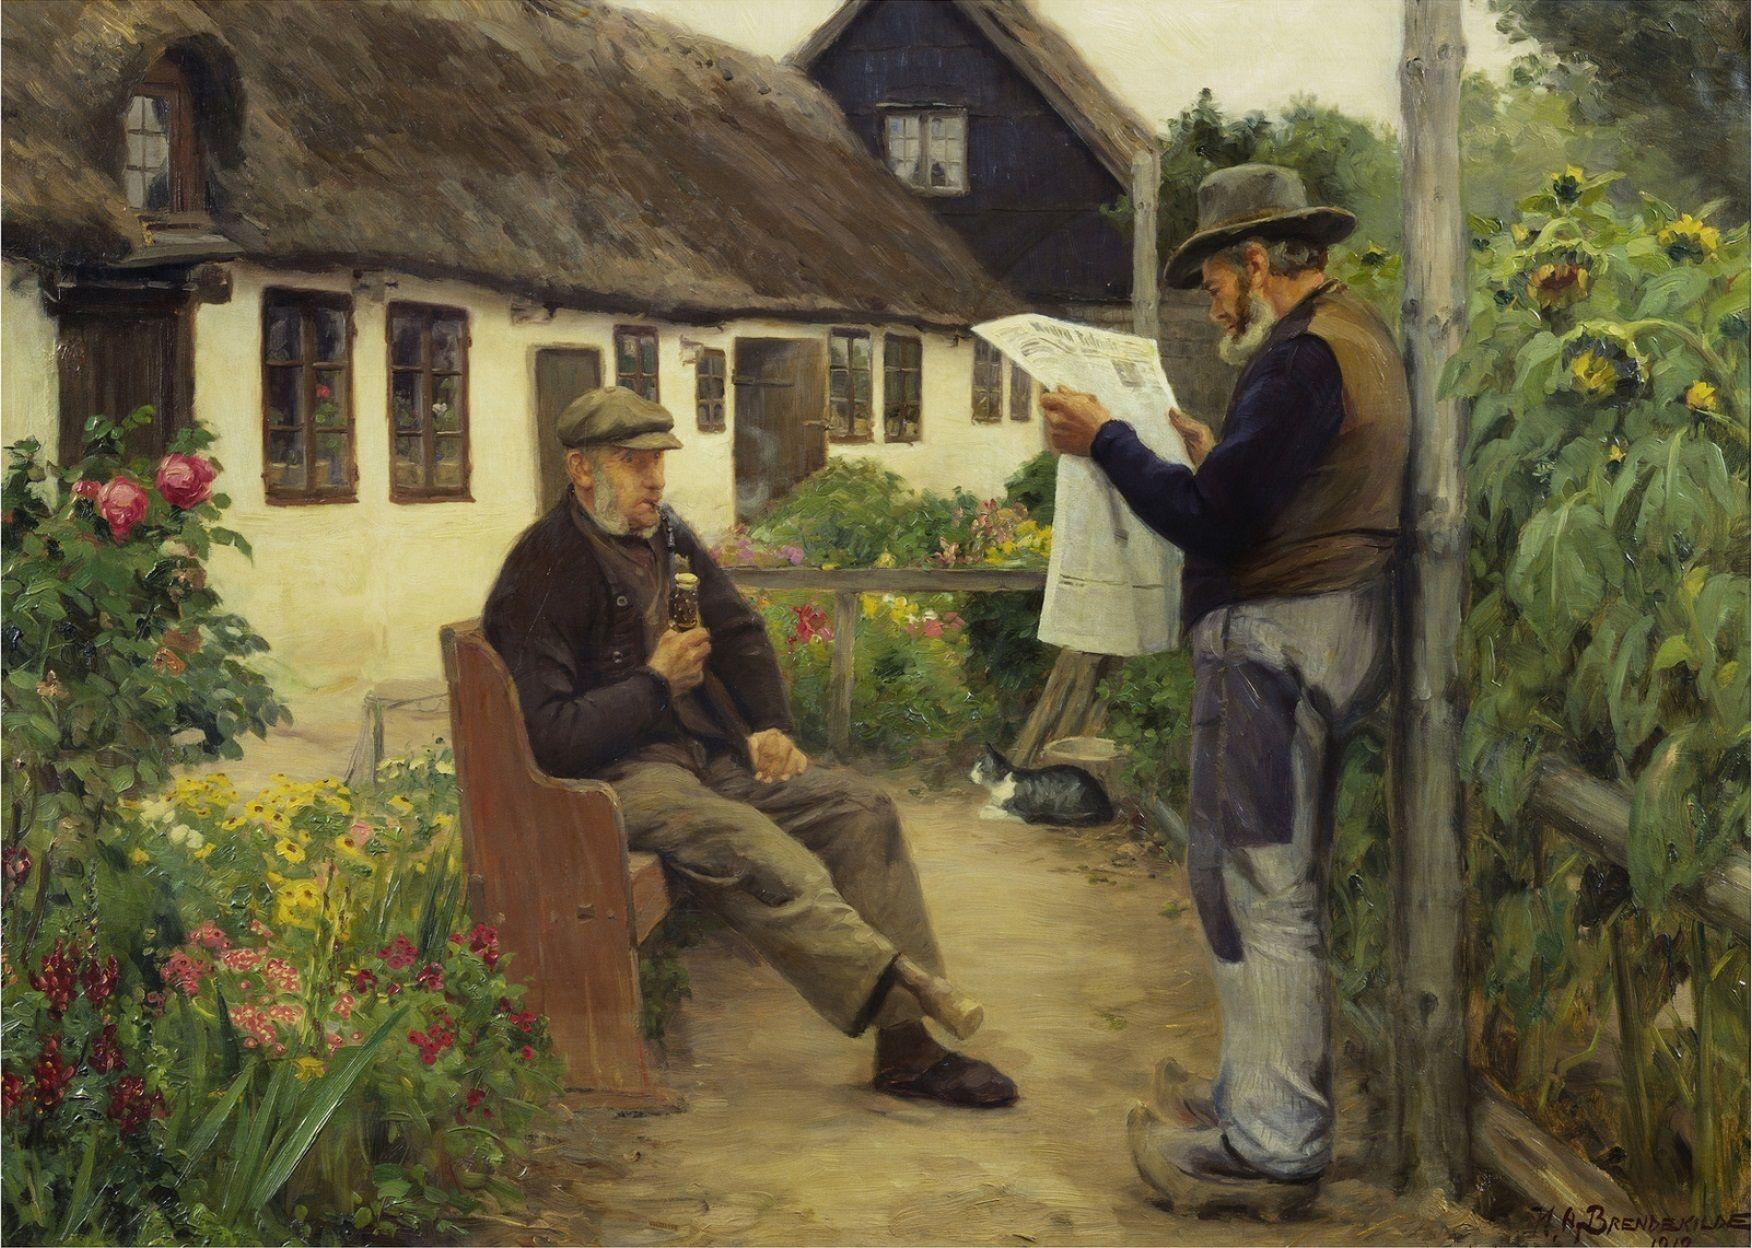 Pin Af Corina Wendell Pa Danish Painters Billeder Avis Malerier